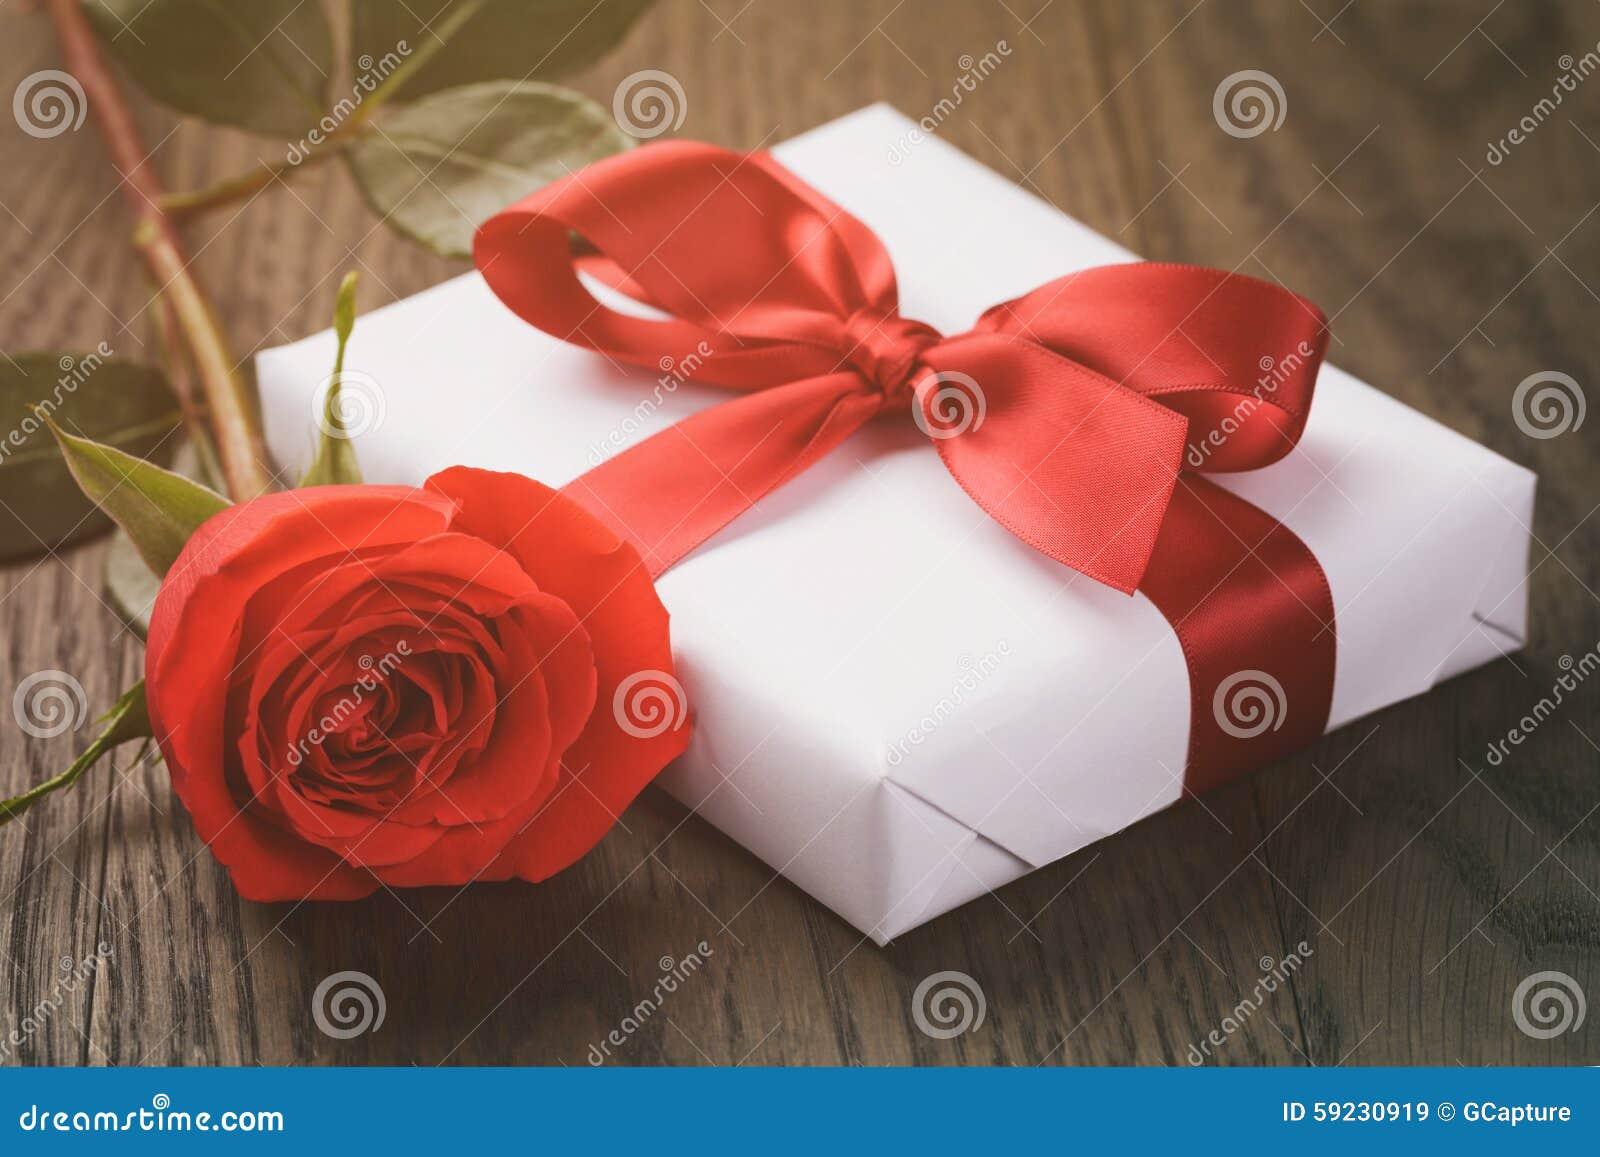 Download Actual Caja Rústica Con La Cinta Roja En La Tabla De Madera Imagen de archivo - Imagen de rectángulo, navidad: 59230919